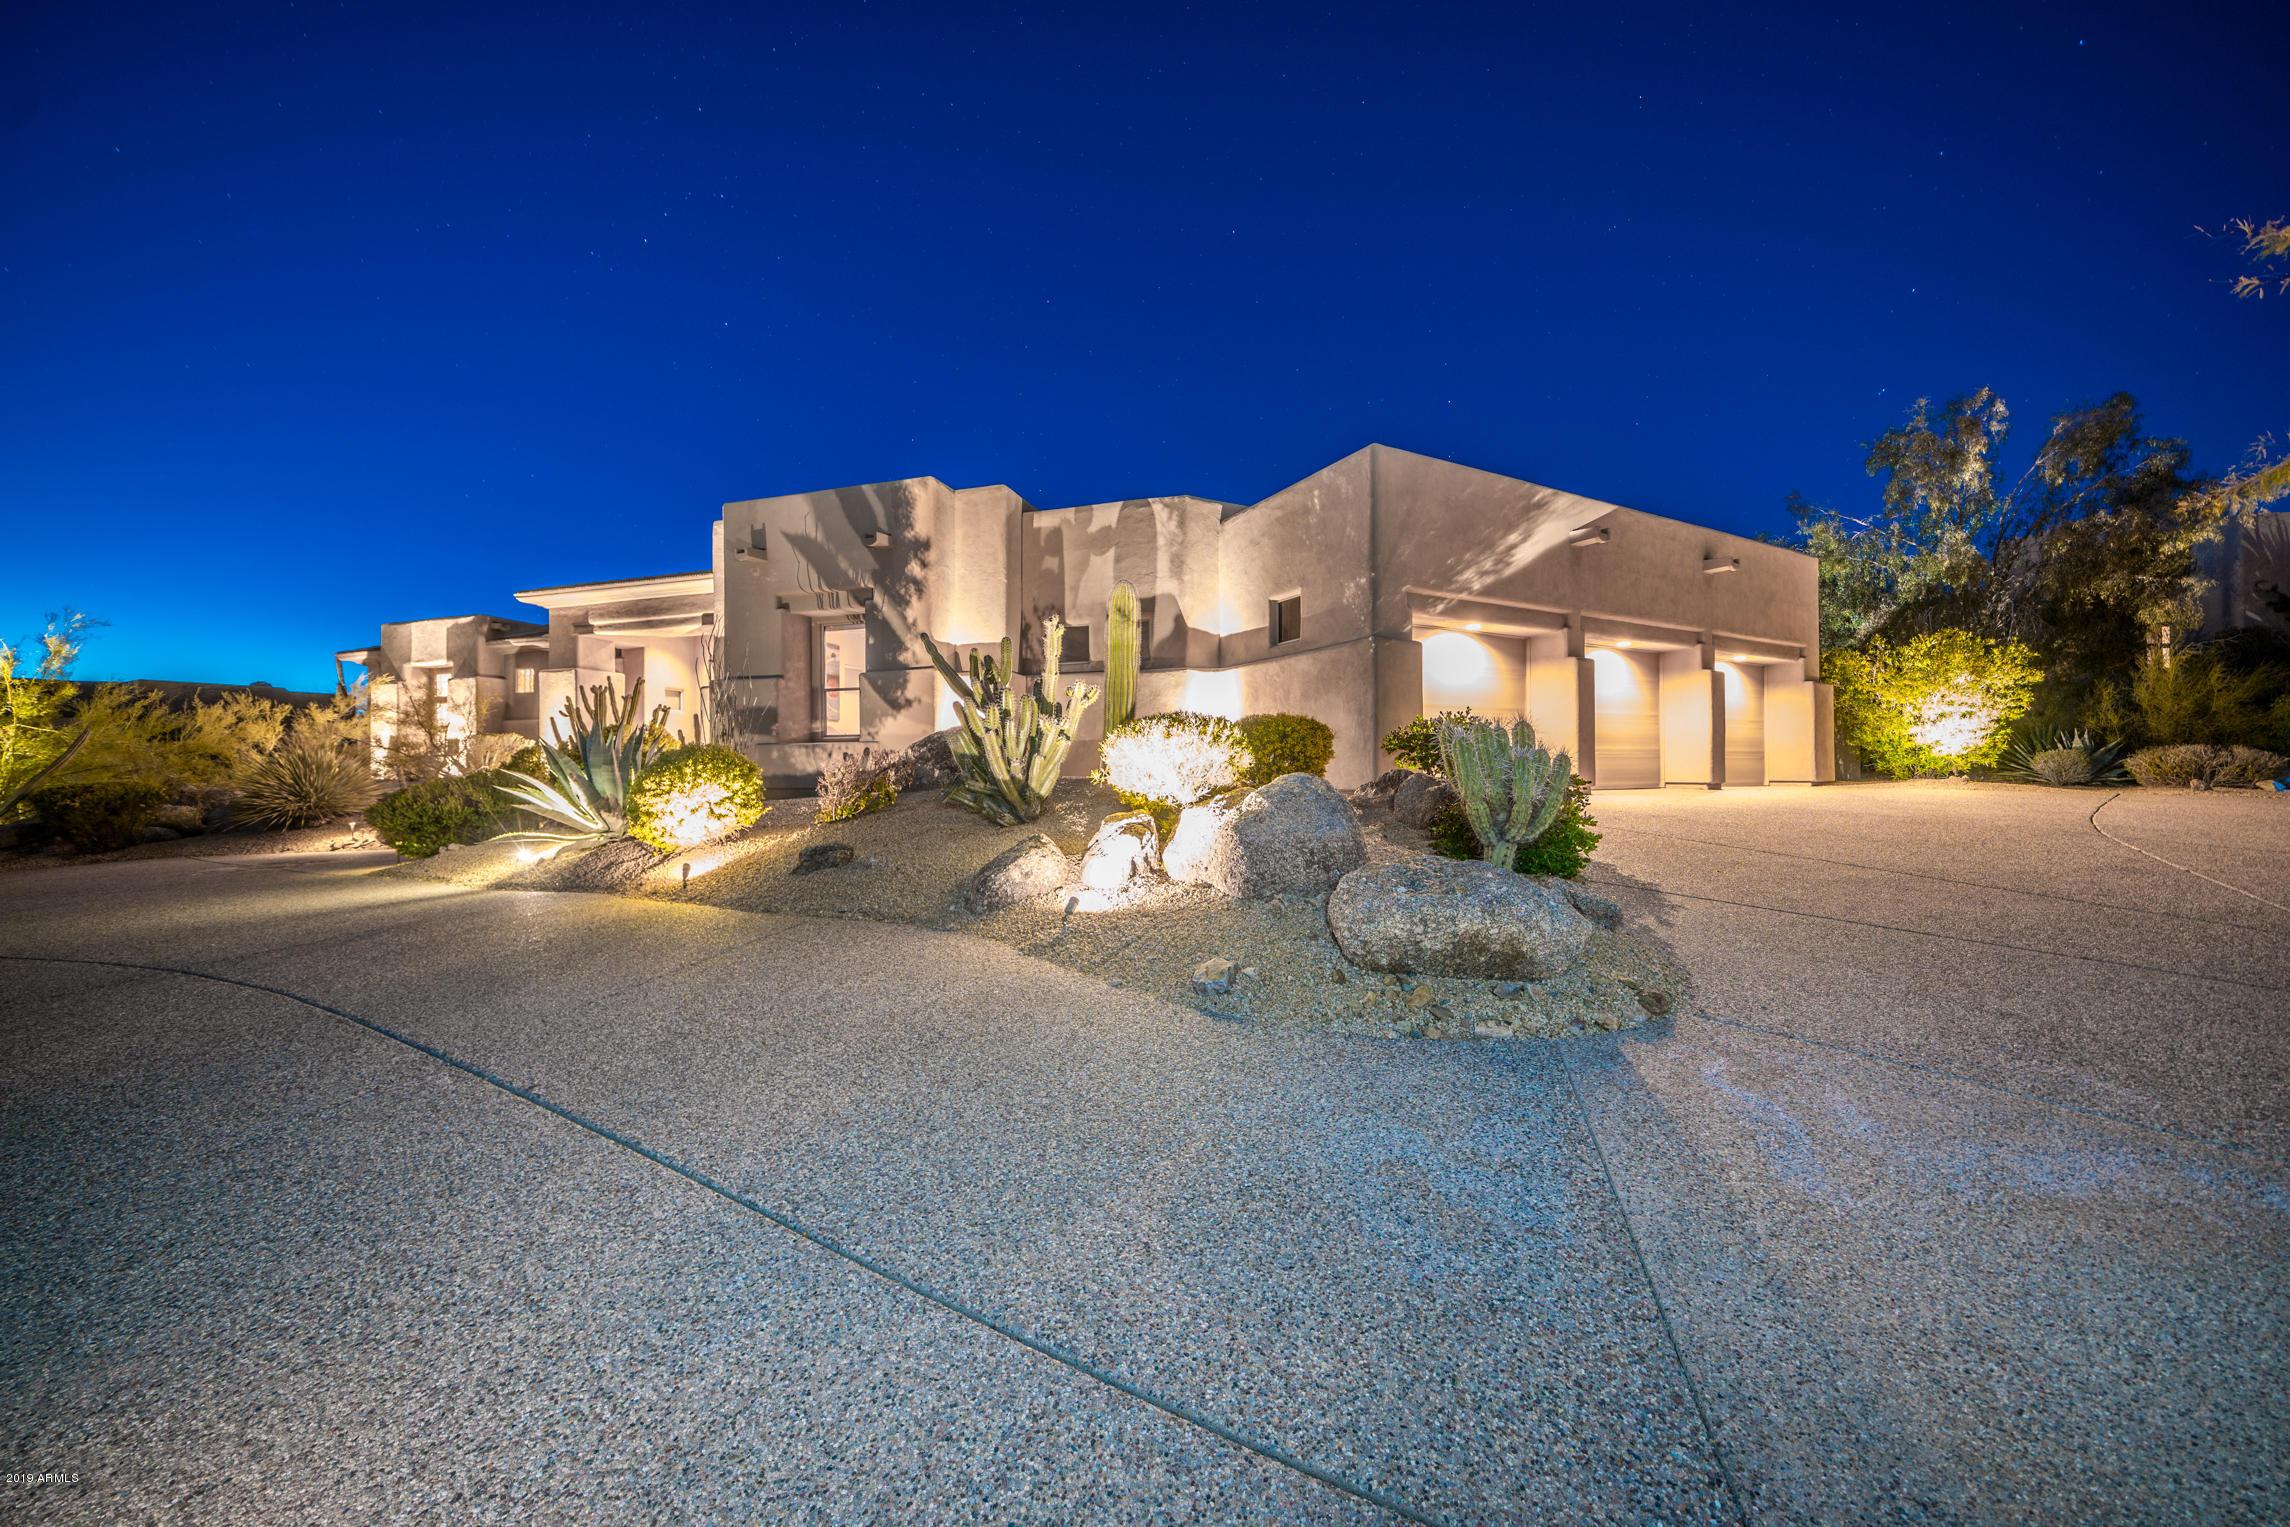 Photo of 10542 E SKINNER Drive, Scottsdale, AZ 85262